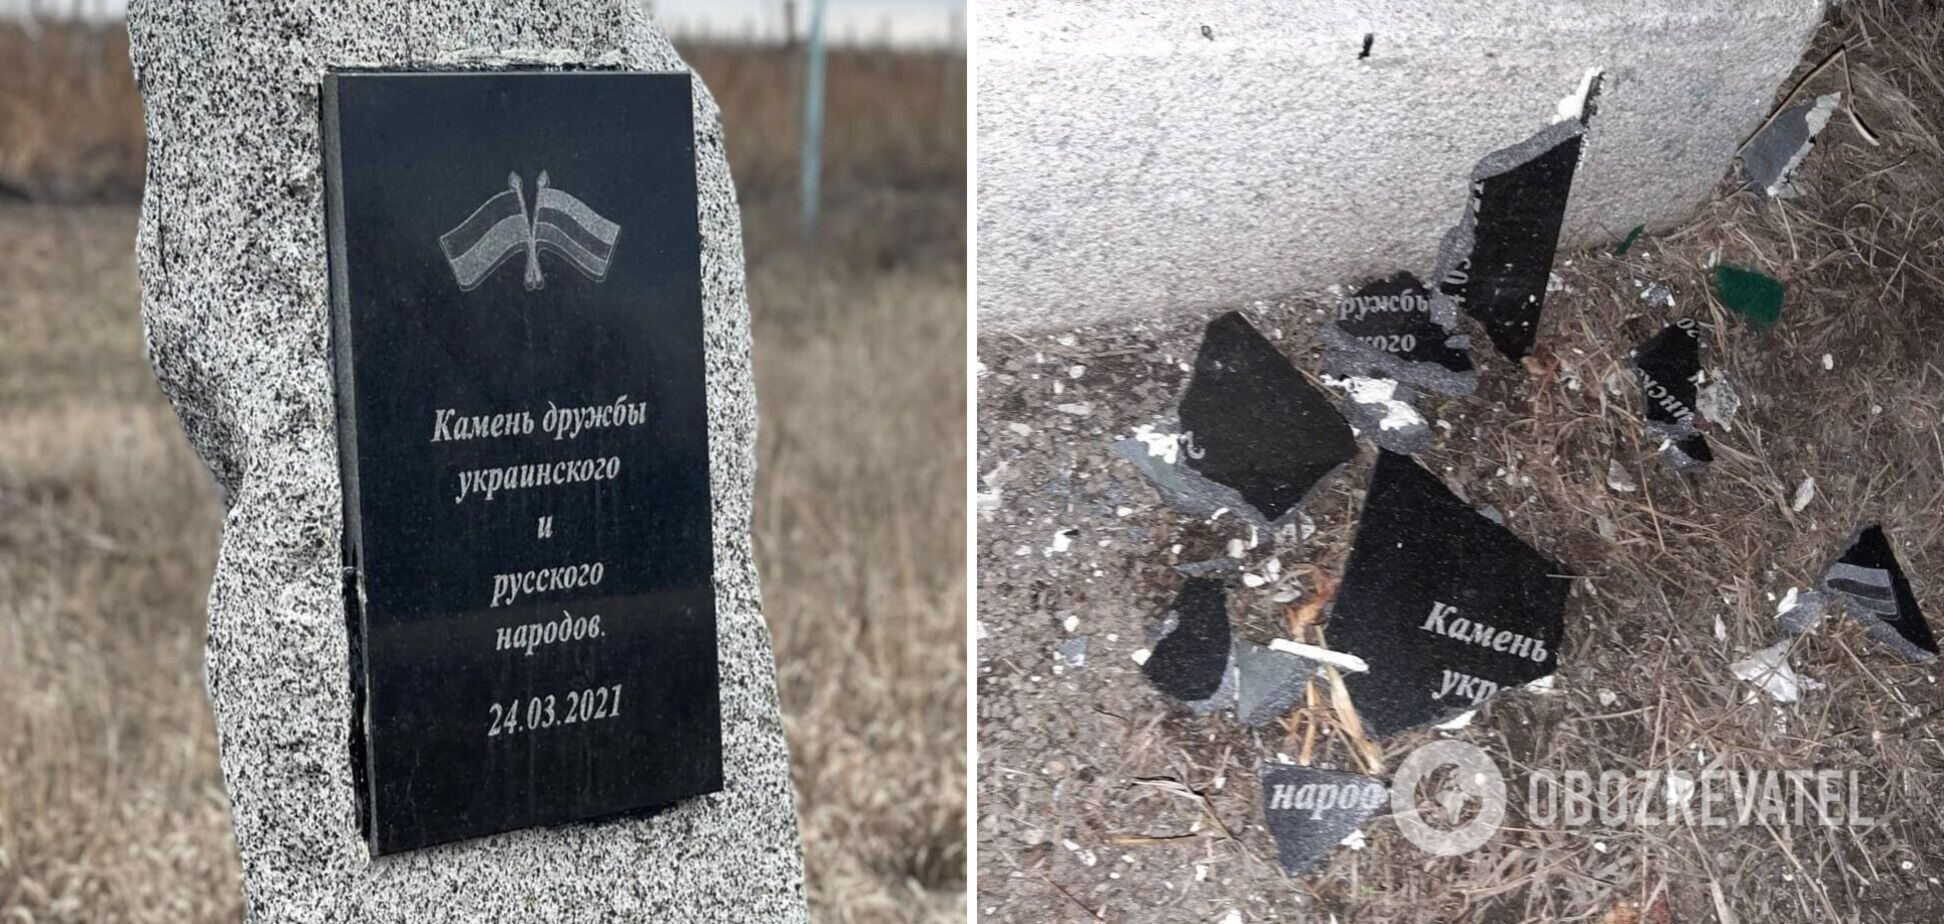 Під Харковом розбили 'камінь дружби з РФ', відновлений депутатом ОПЗЖ. Фото і відео